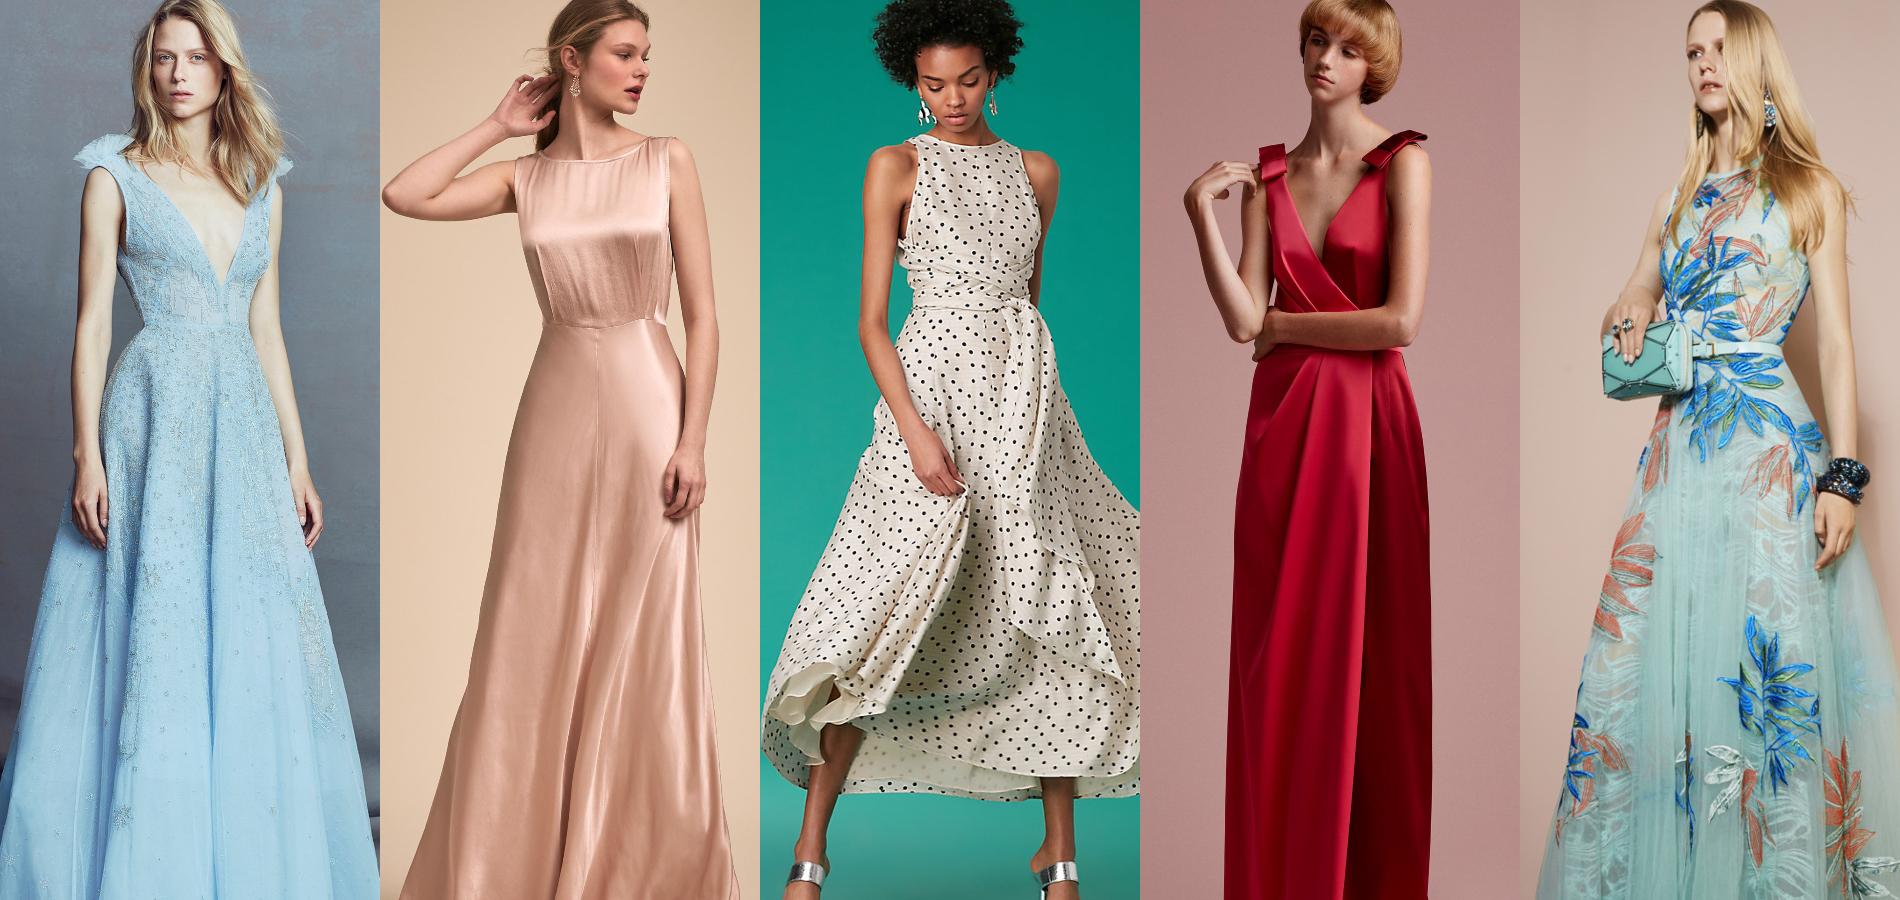 Trente robes d'invitée pour mariage très